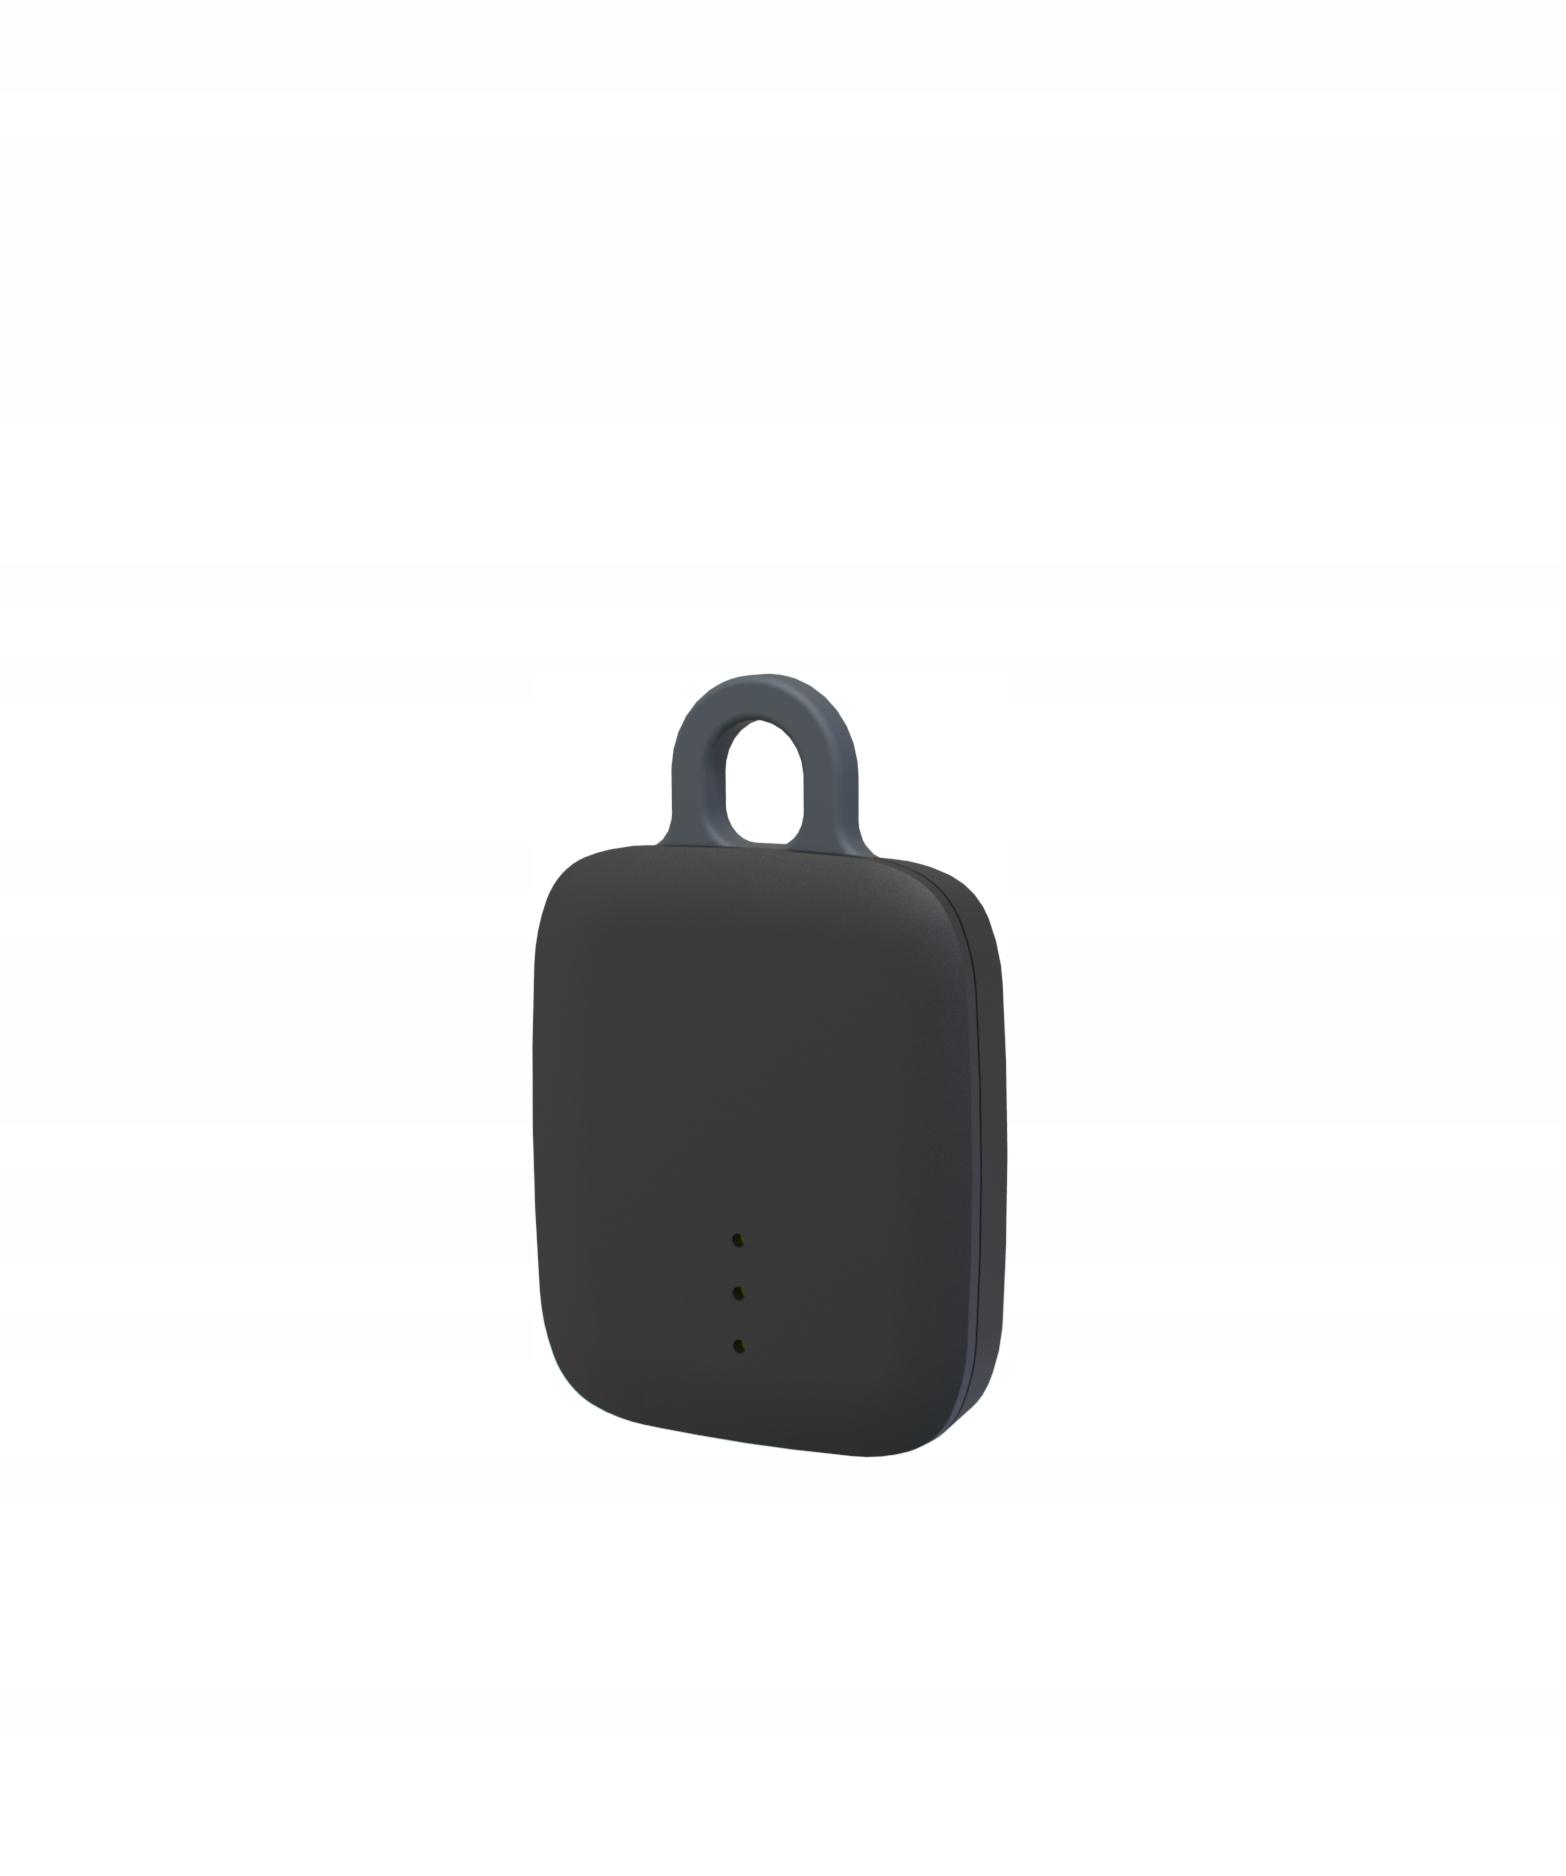 notiOne GO локатор для велосипедных, детских, собачьих ключей